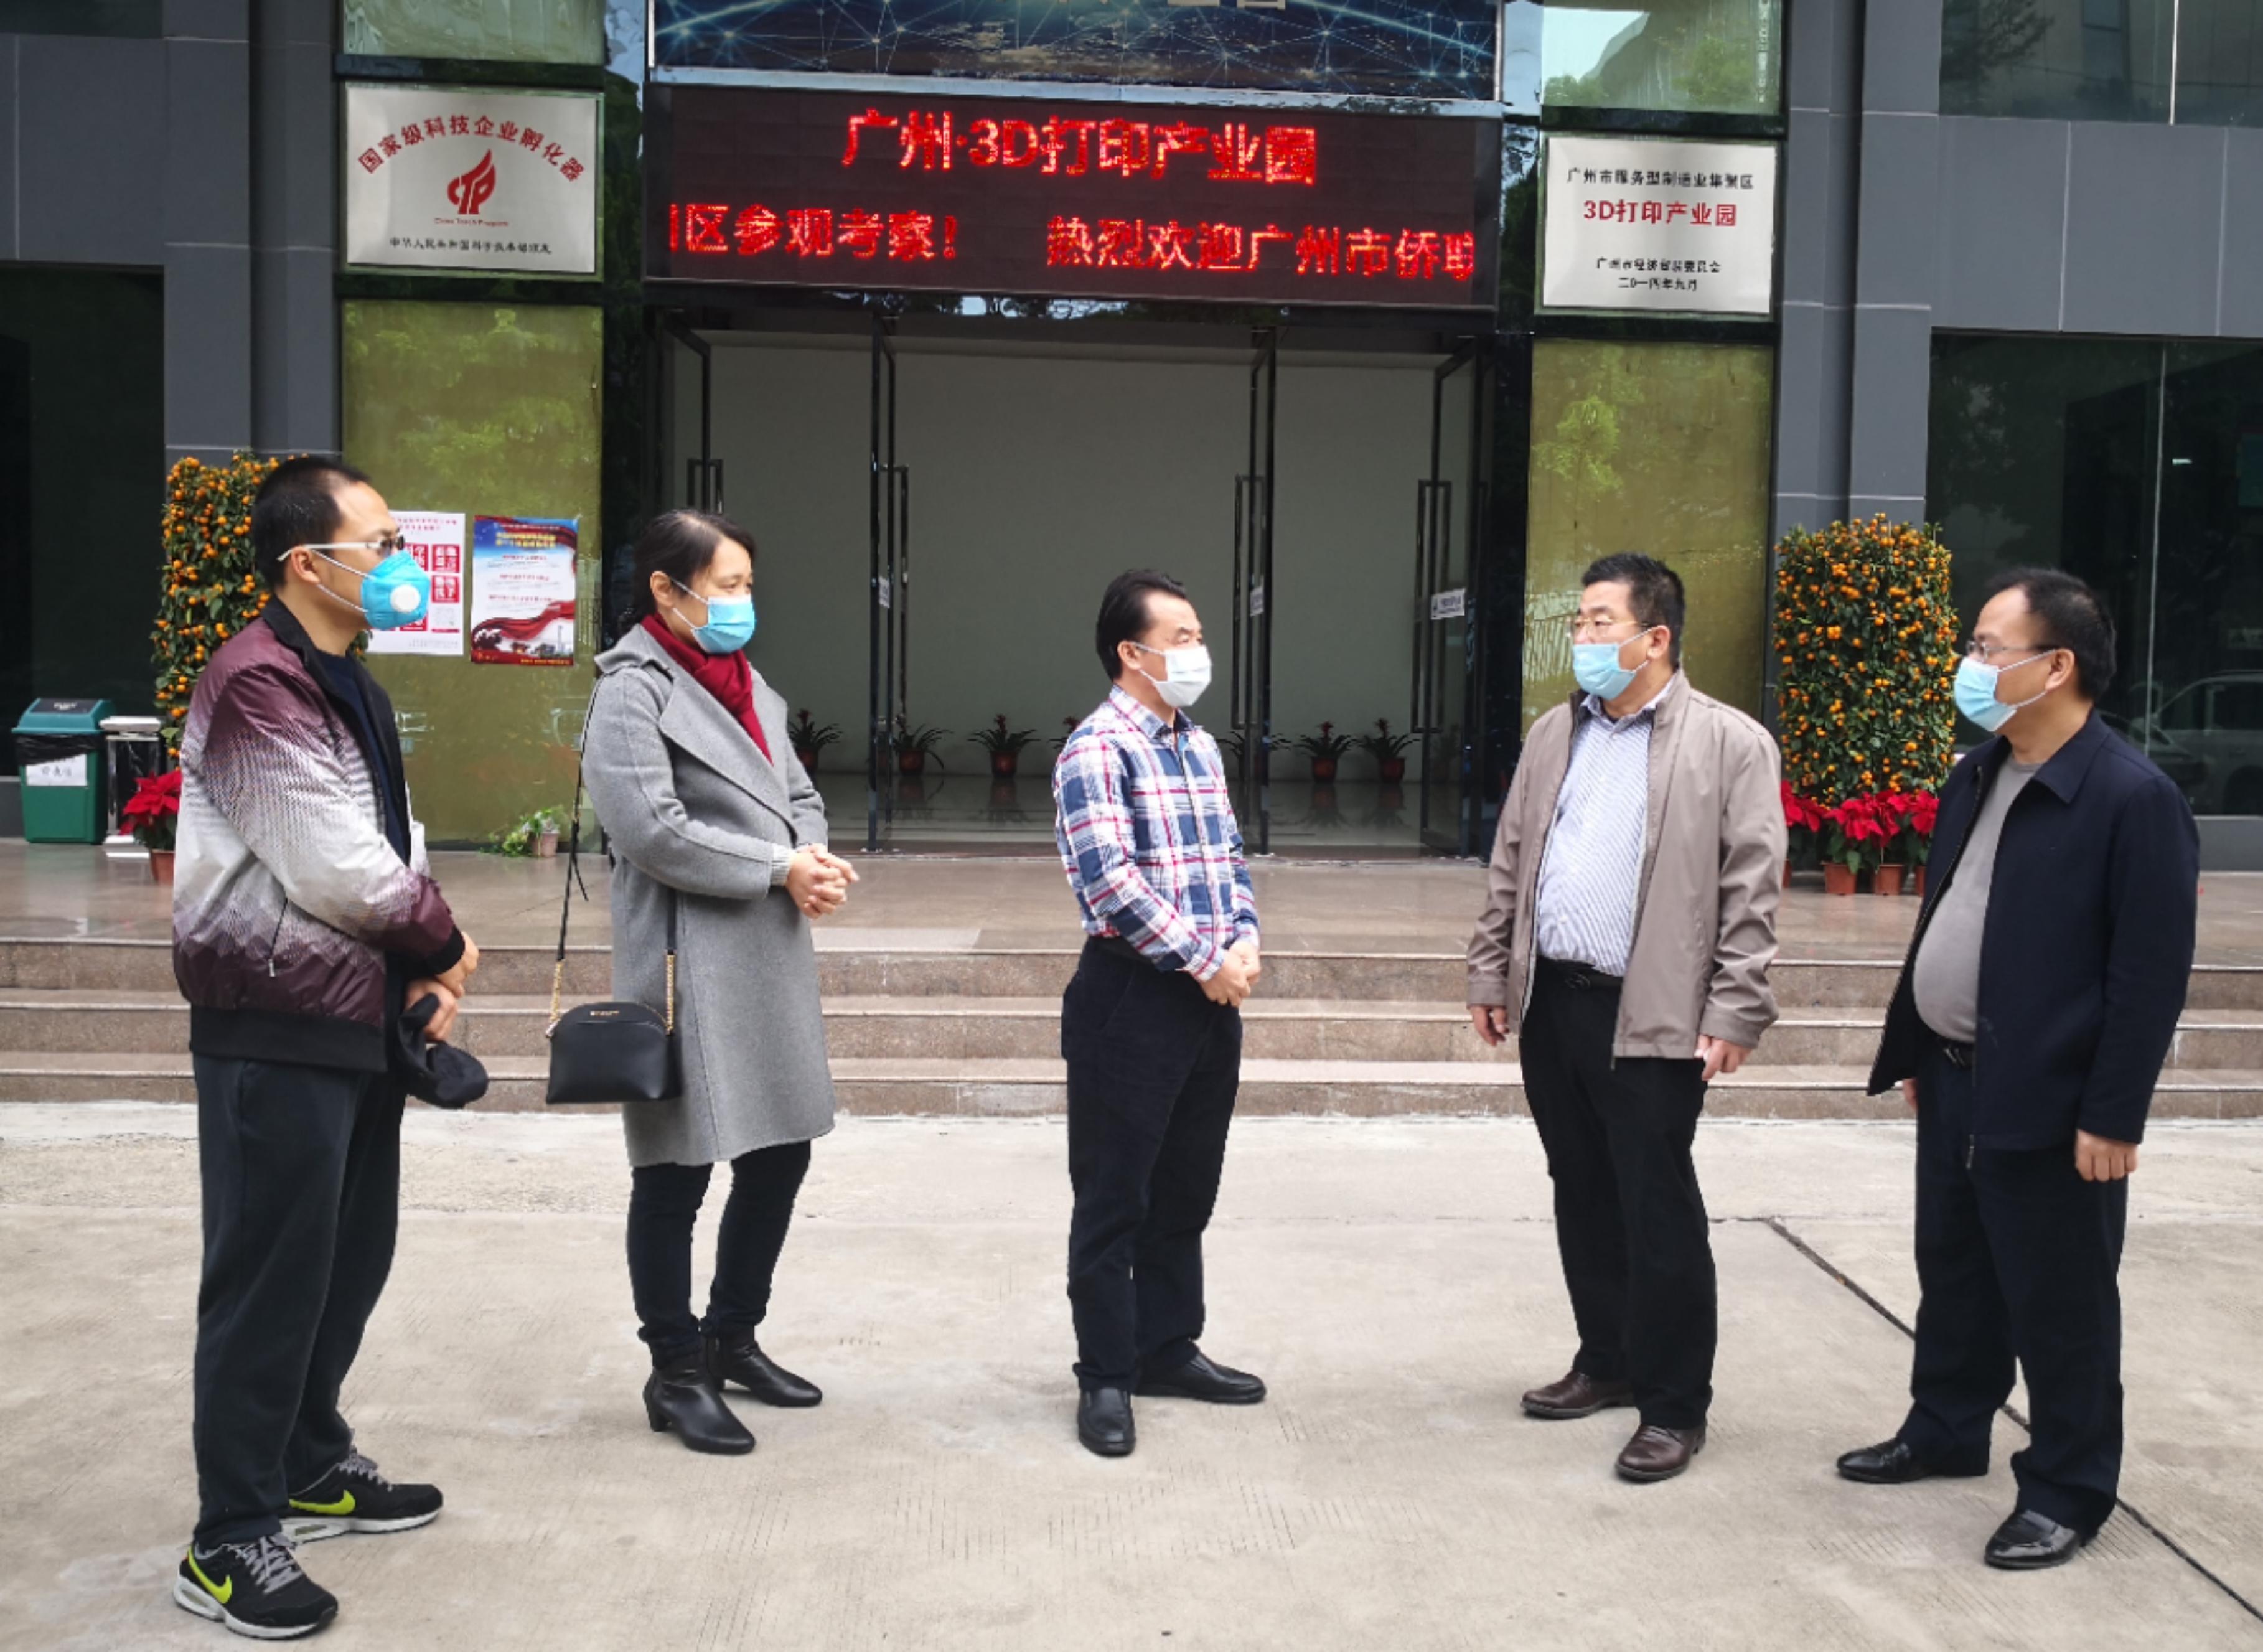 【人民战疫】广州市侨联副主席林瑞琪到荔湾区走访复工企业